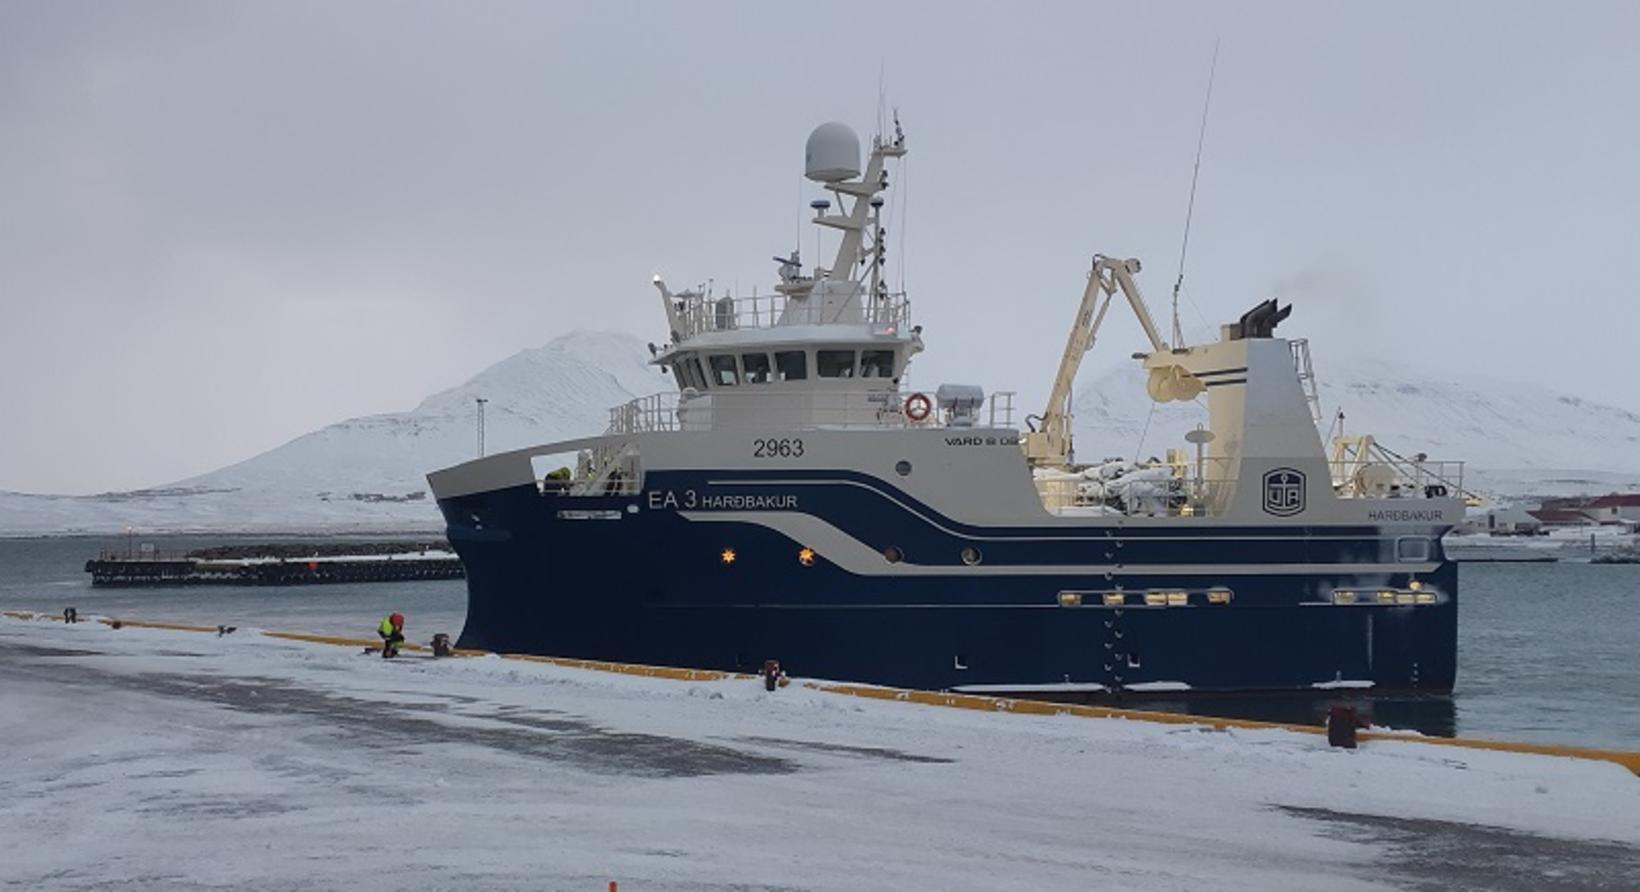 Harðbakur EA 3 heldu til veiða frá Dalvík.